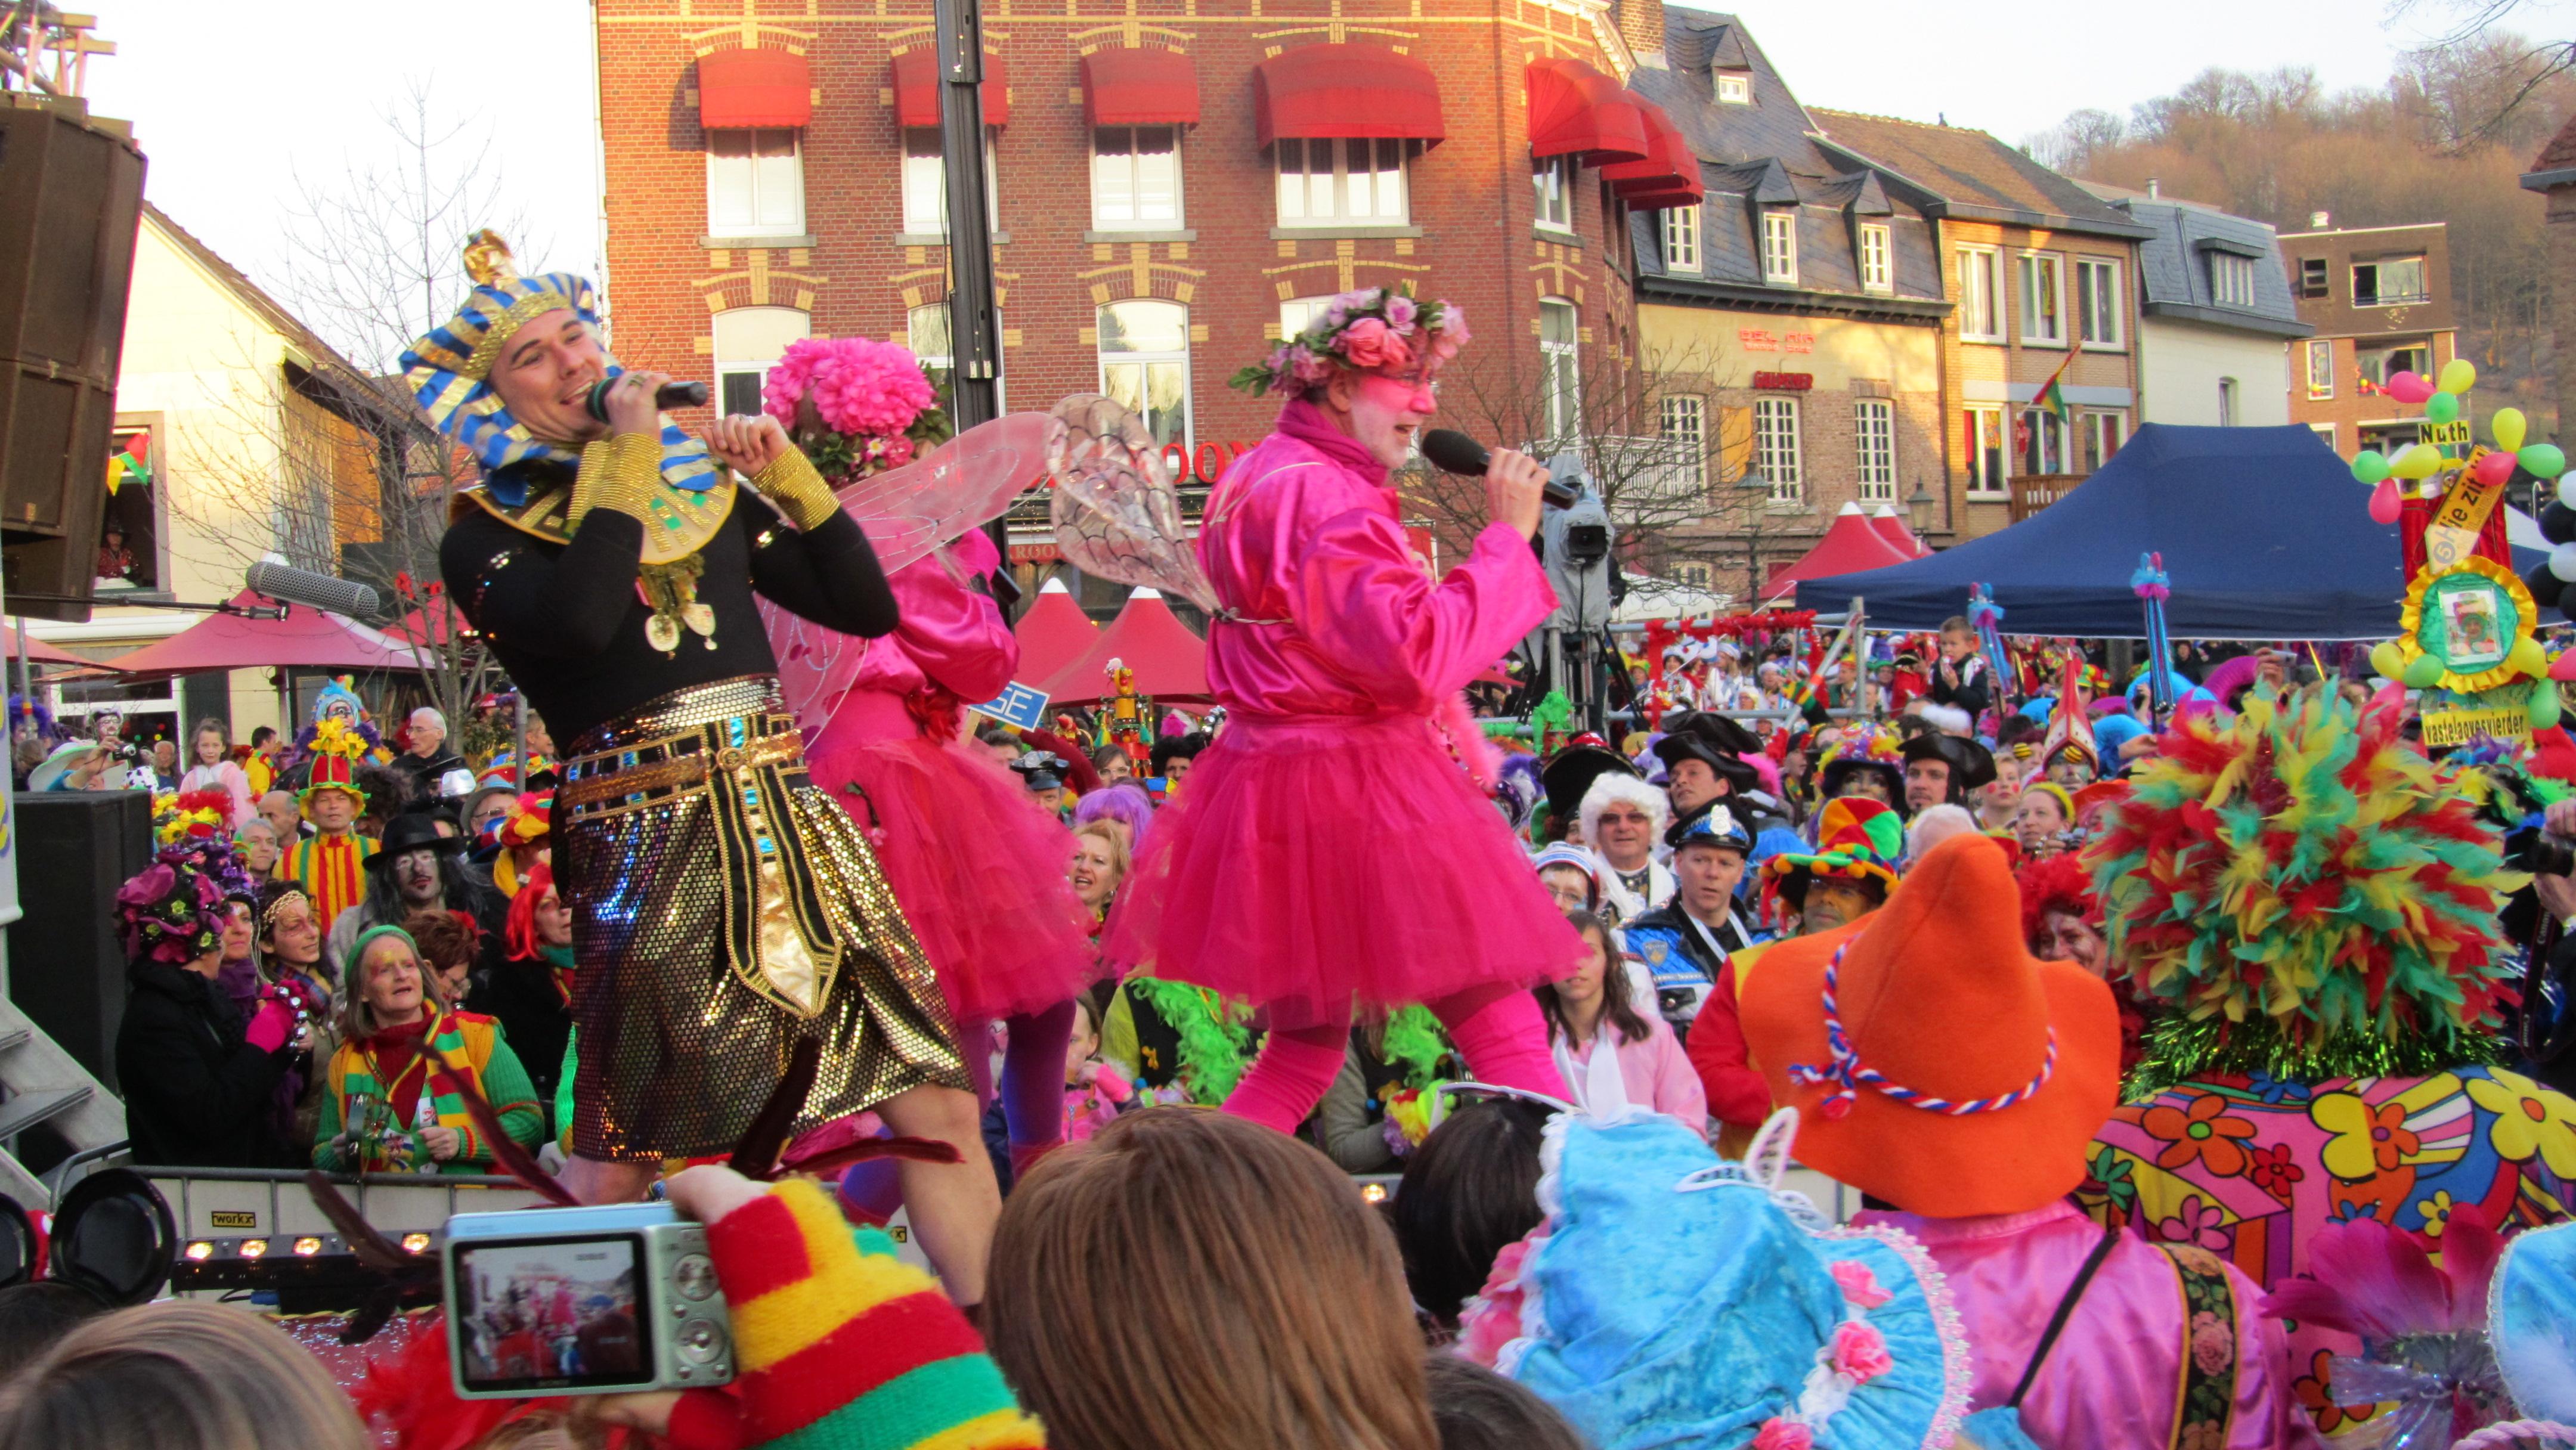 2011.03.08. Gulpen Markt (13)